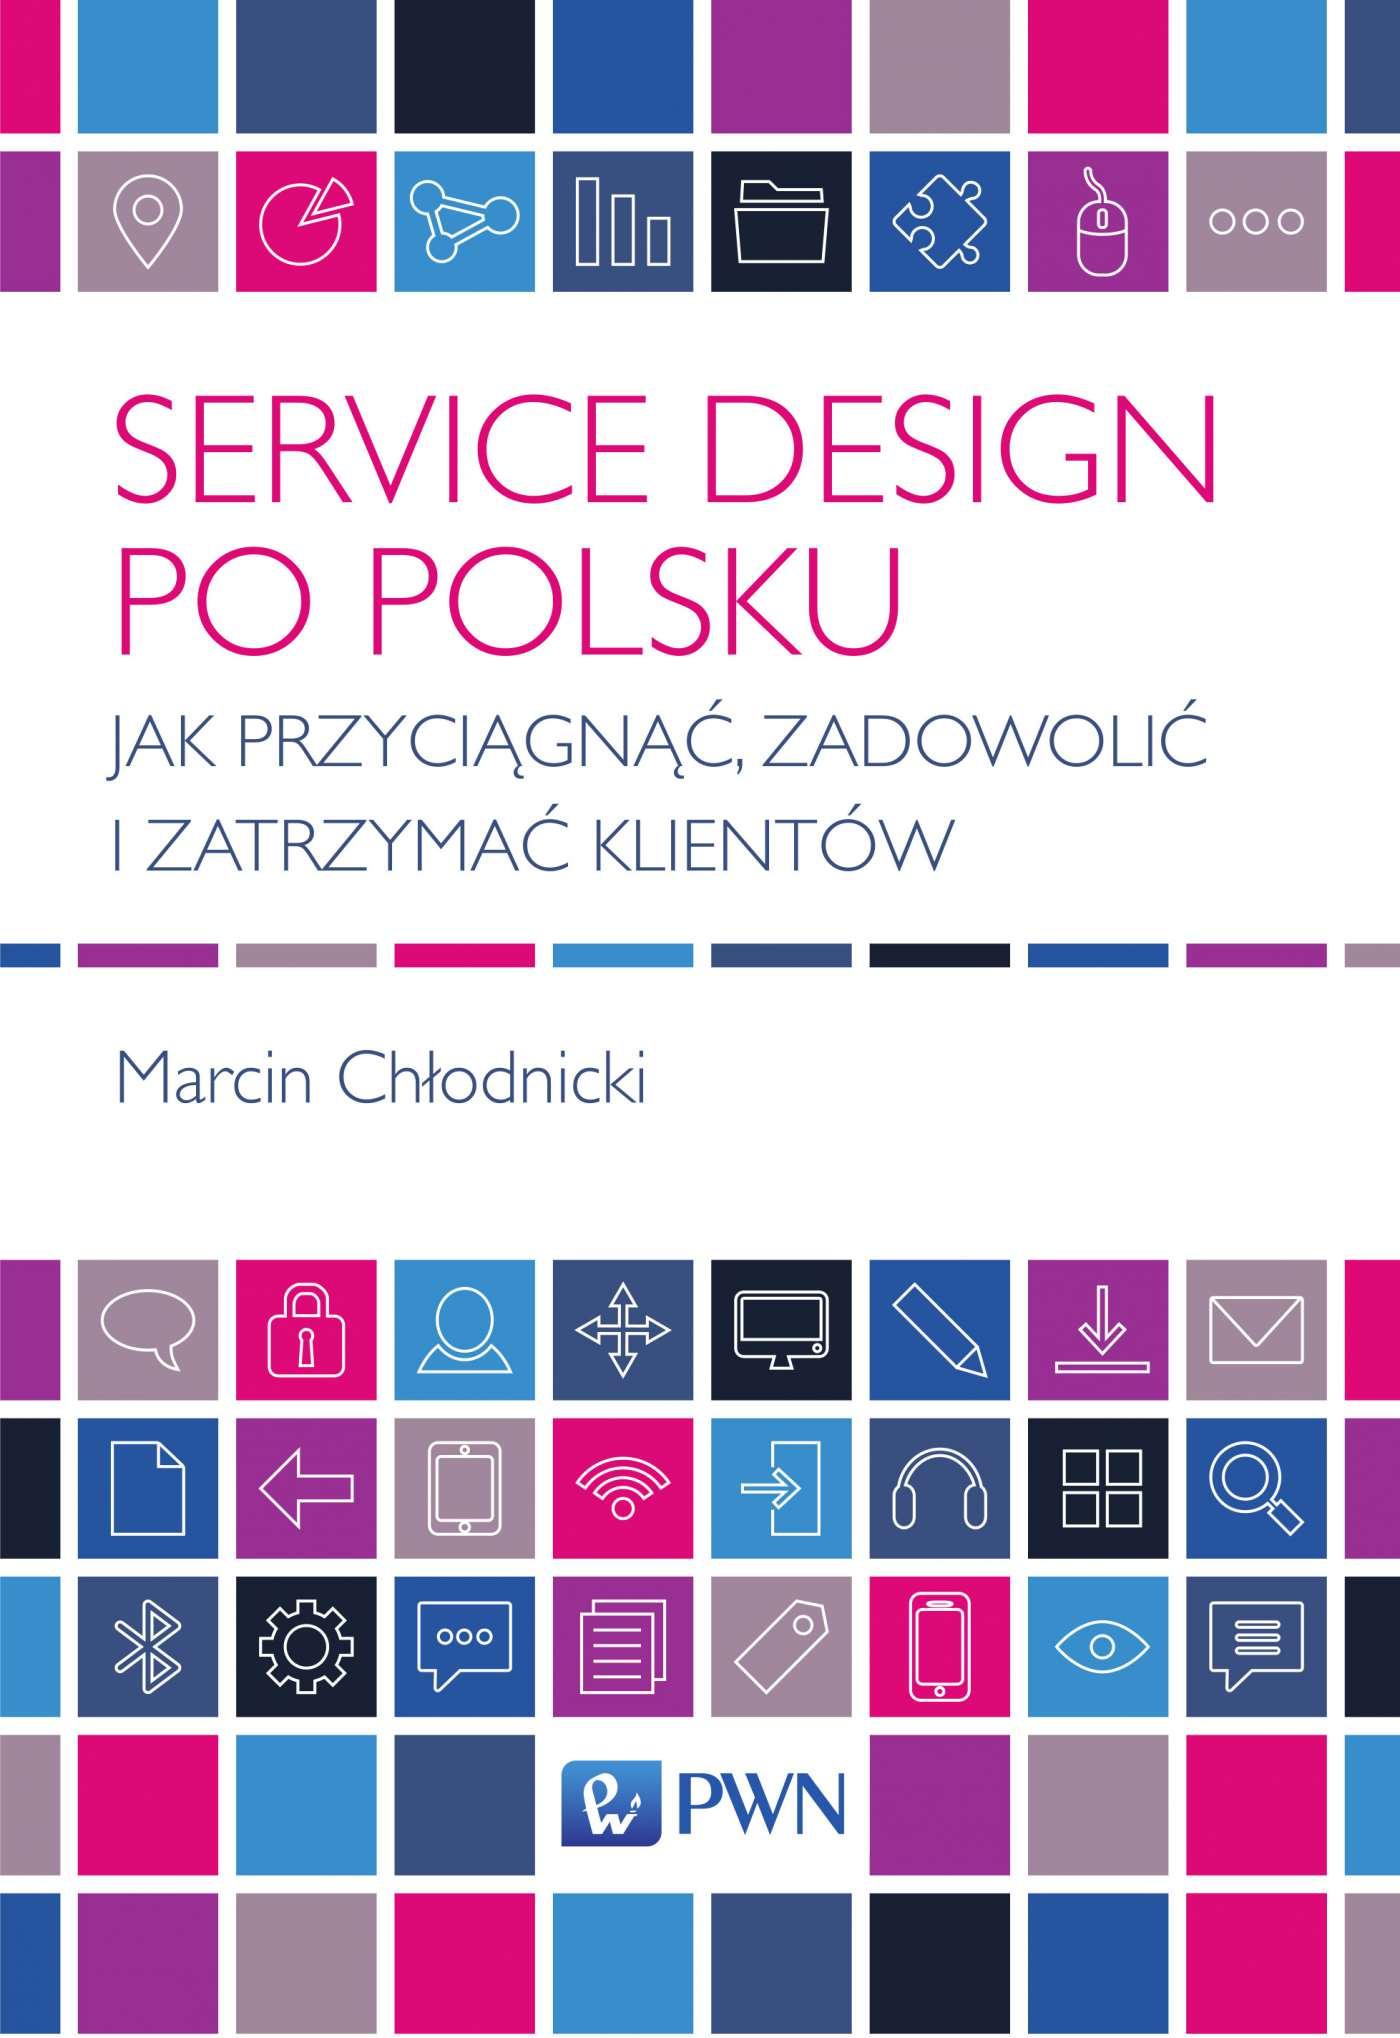 Service design po polsku. Jak przyciągnąć, zadowolić i zatrzymać klientów - Ebook (Książka EPUB) do pobrania w formacie EPUB